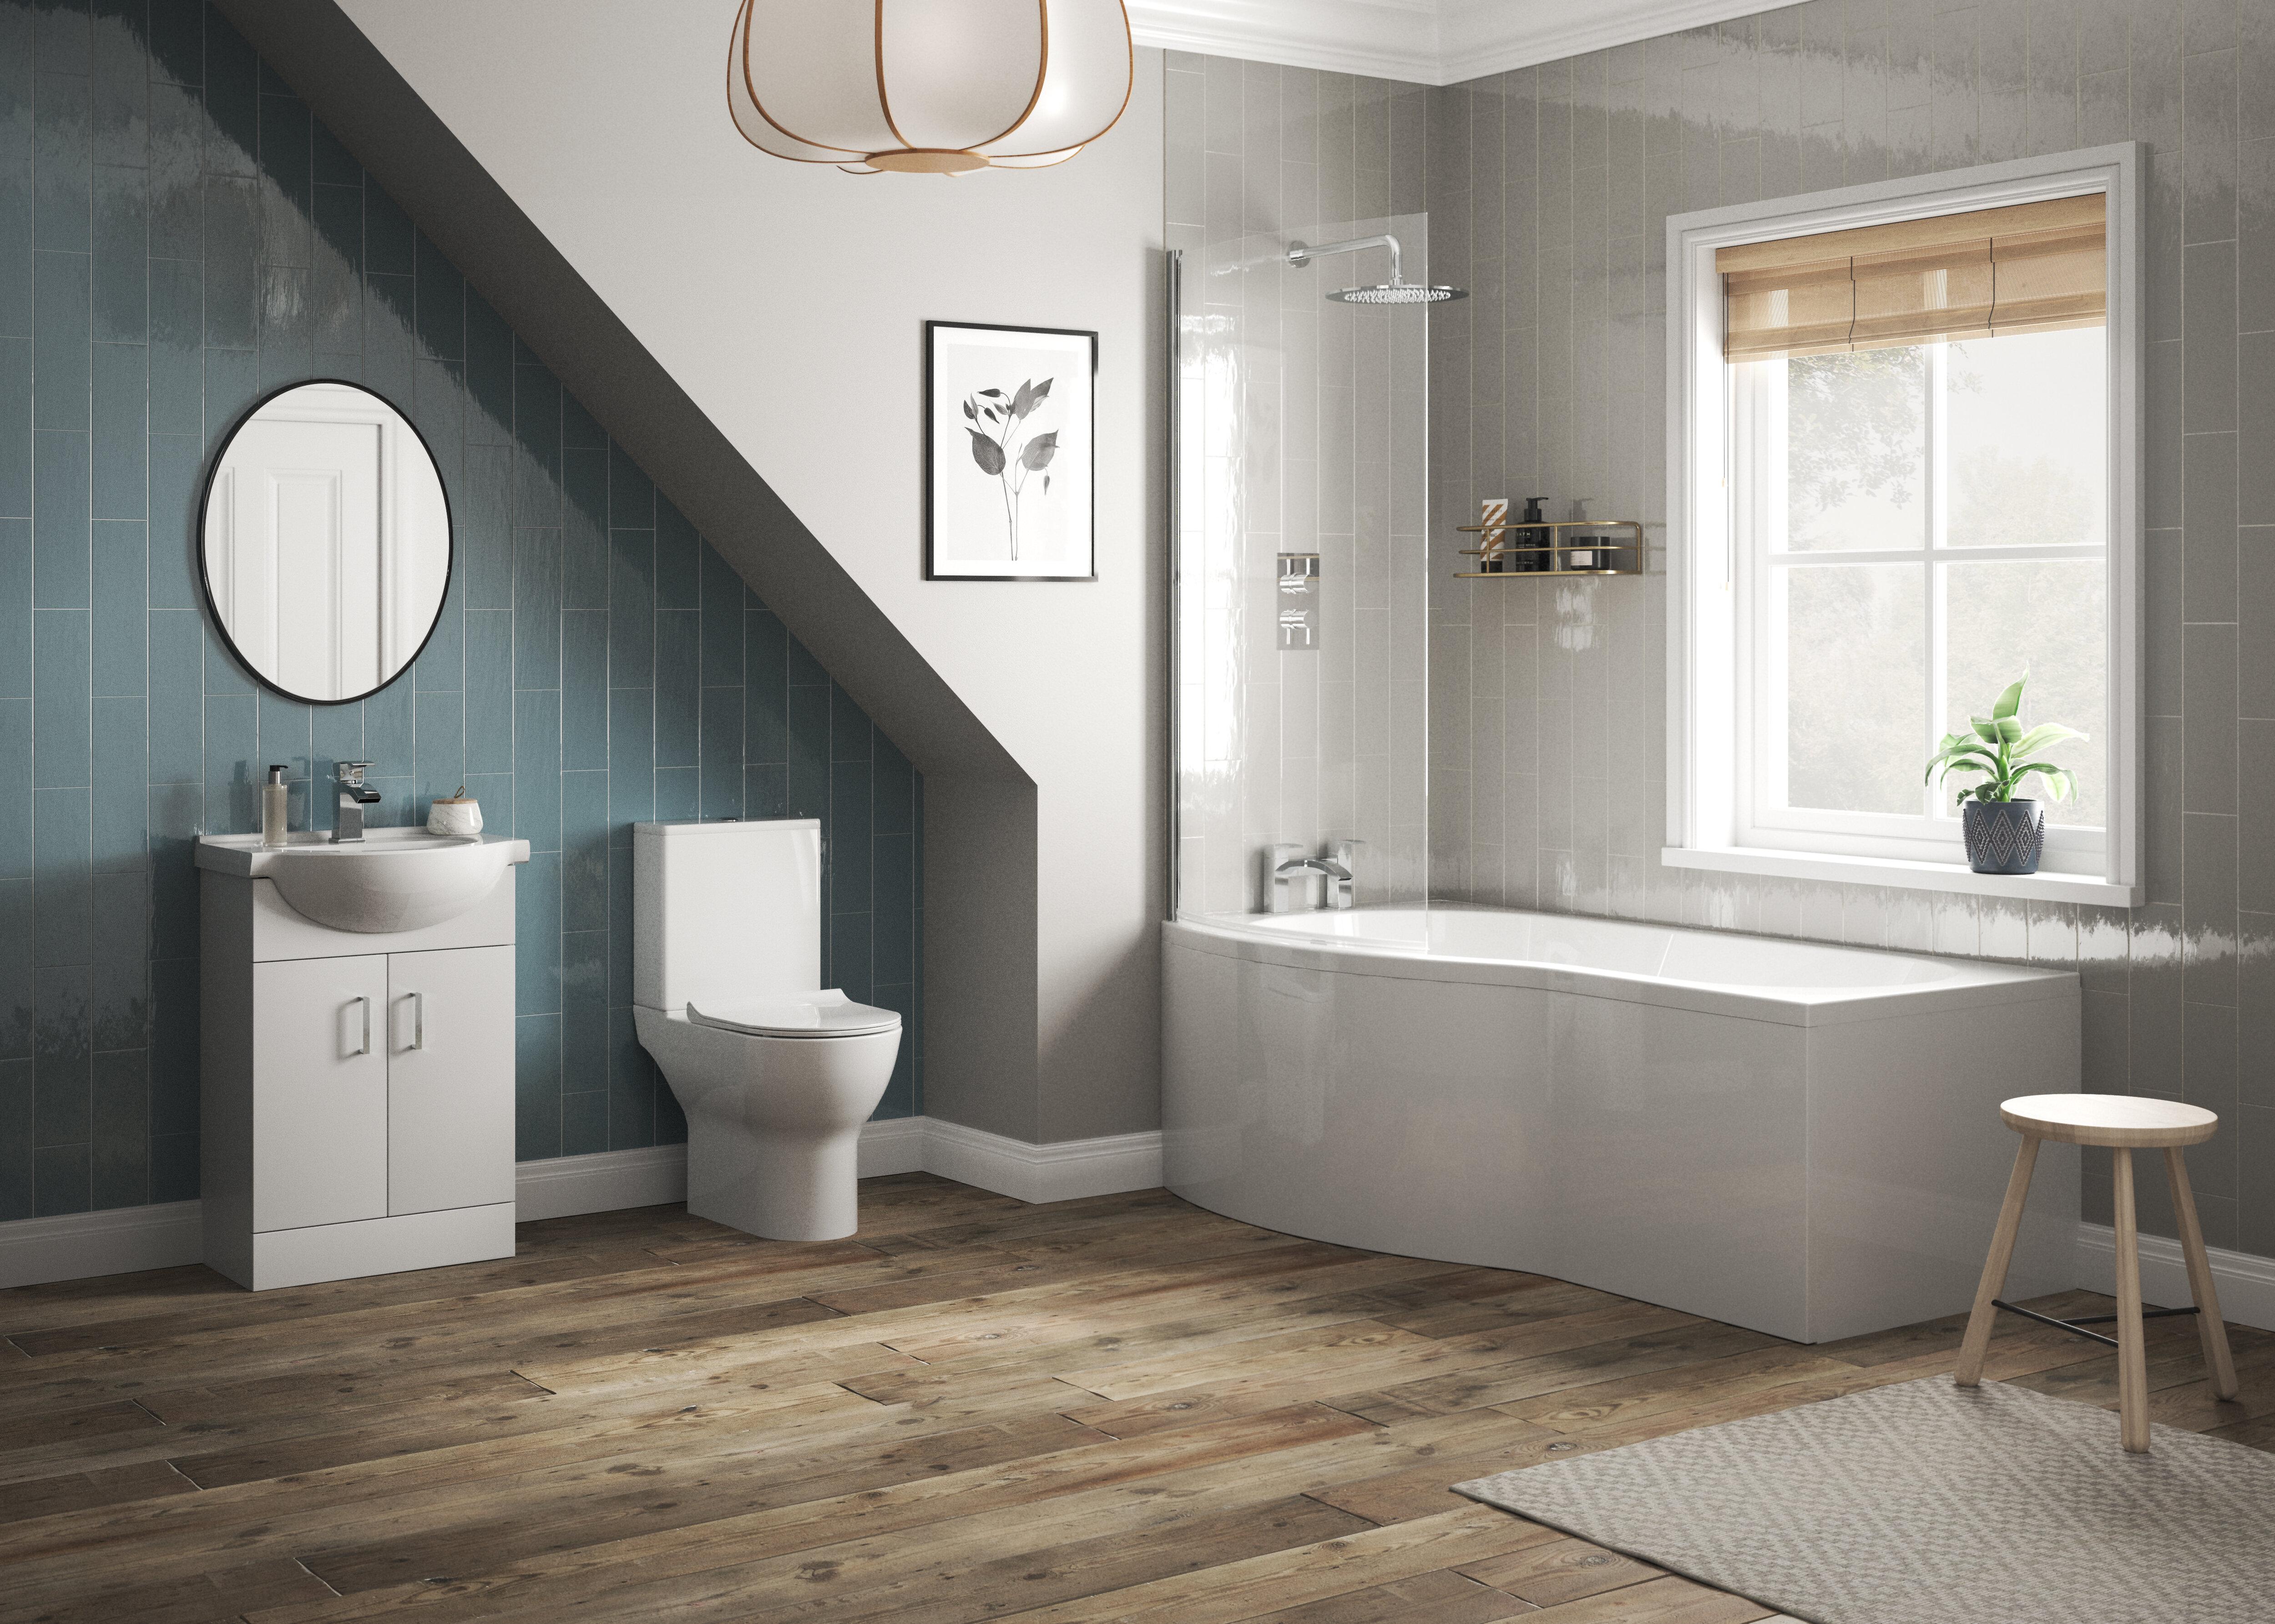 Best Picture Wayfair Bathroom Suites